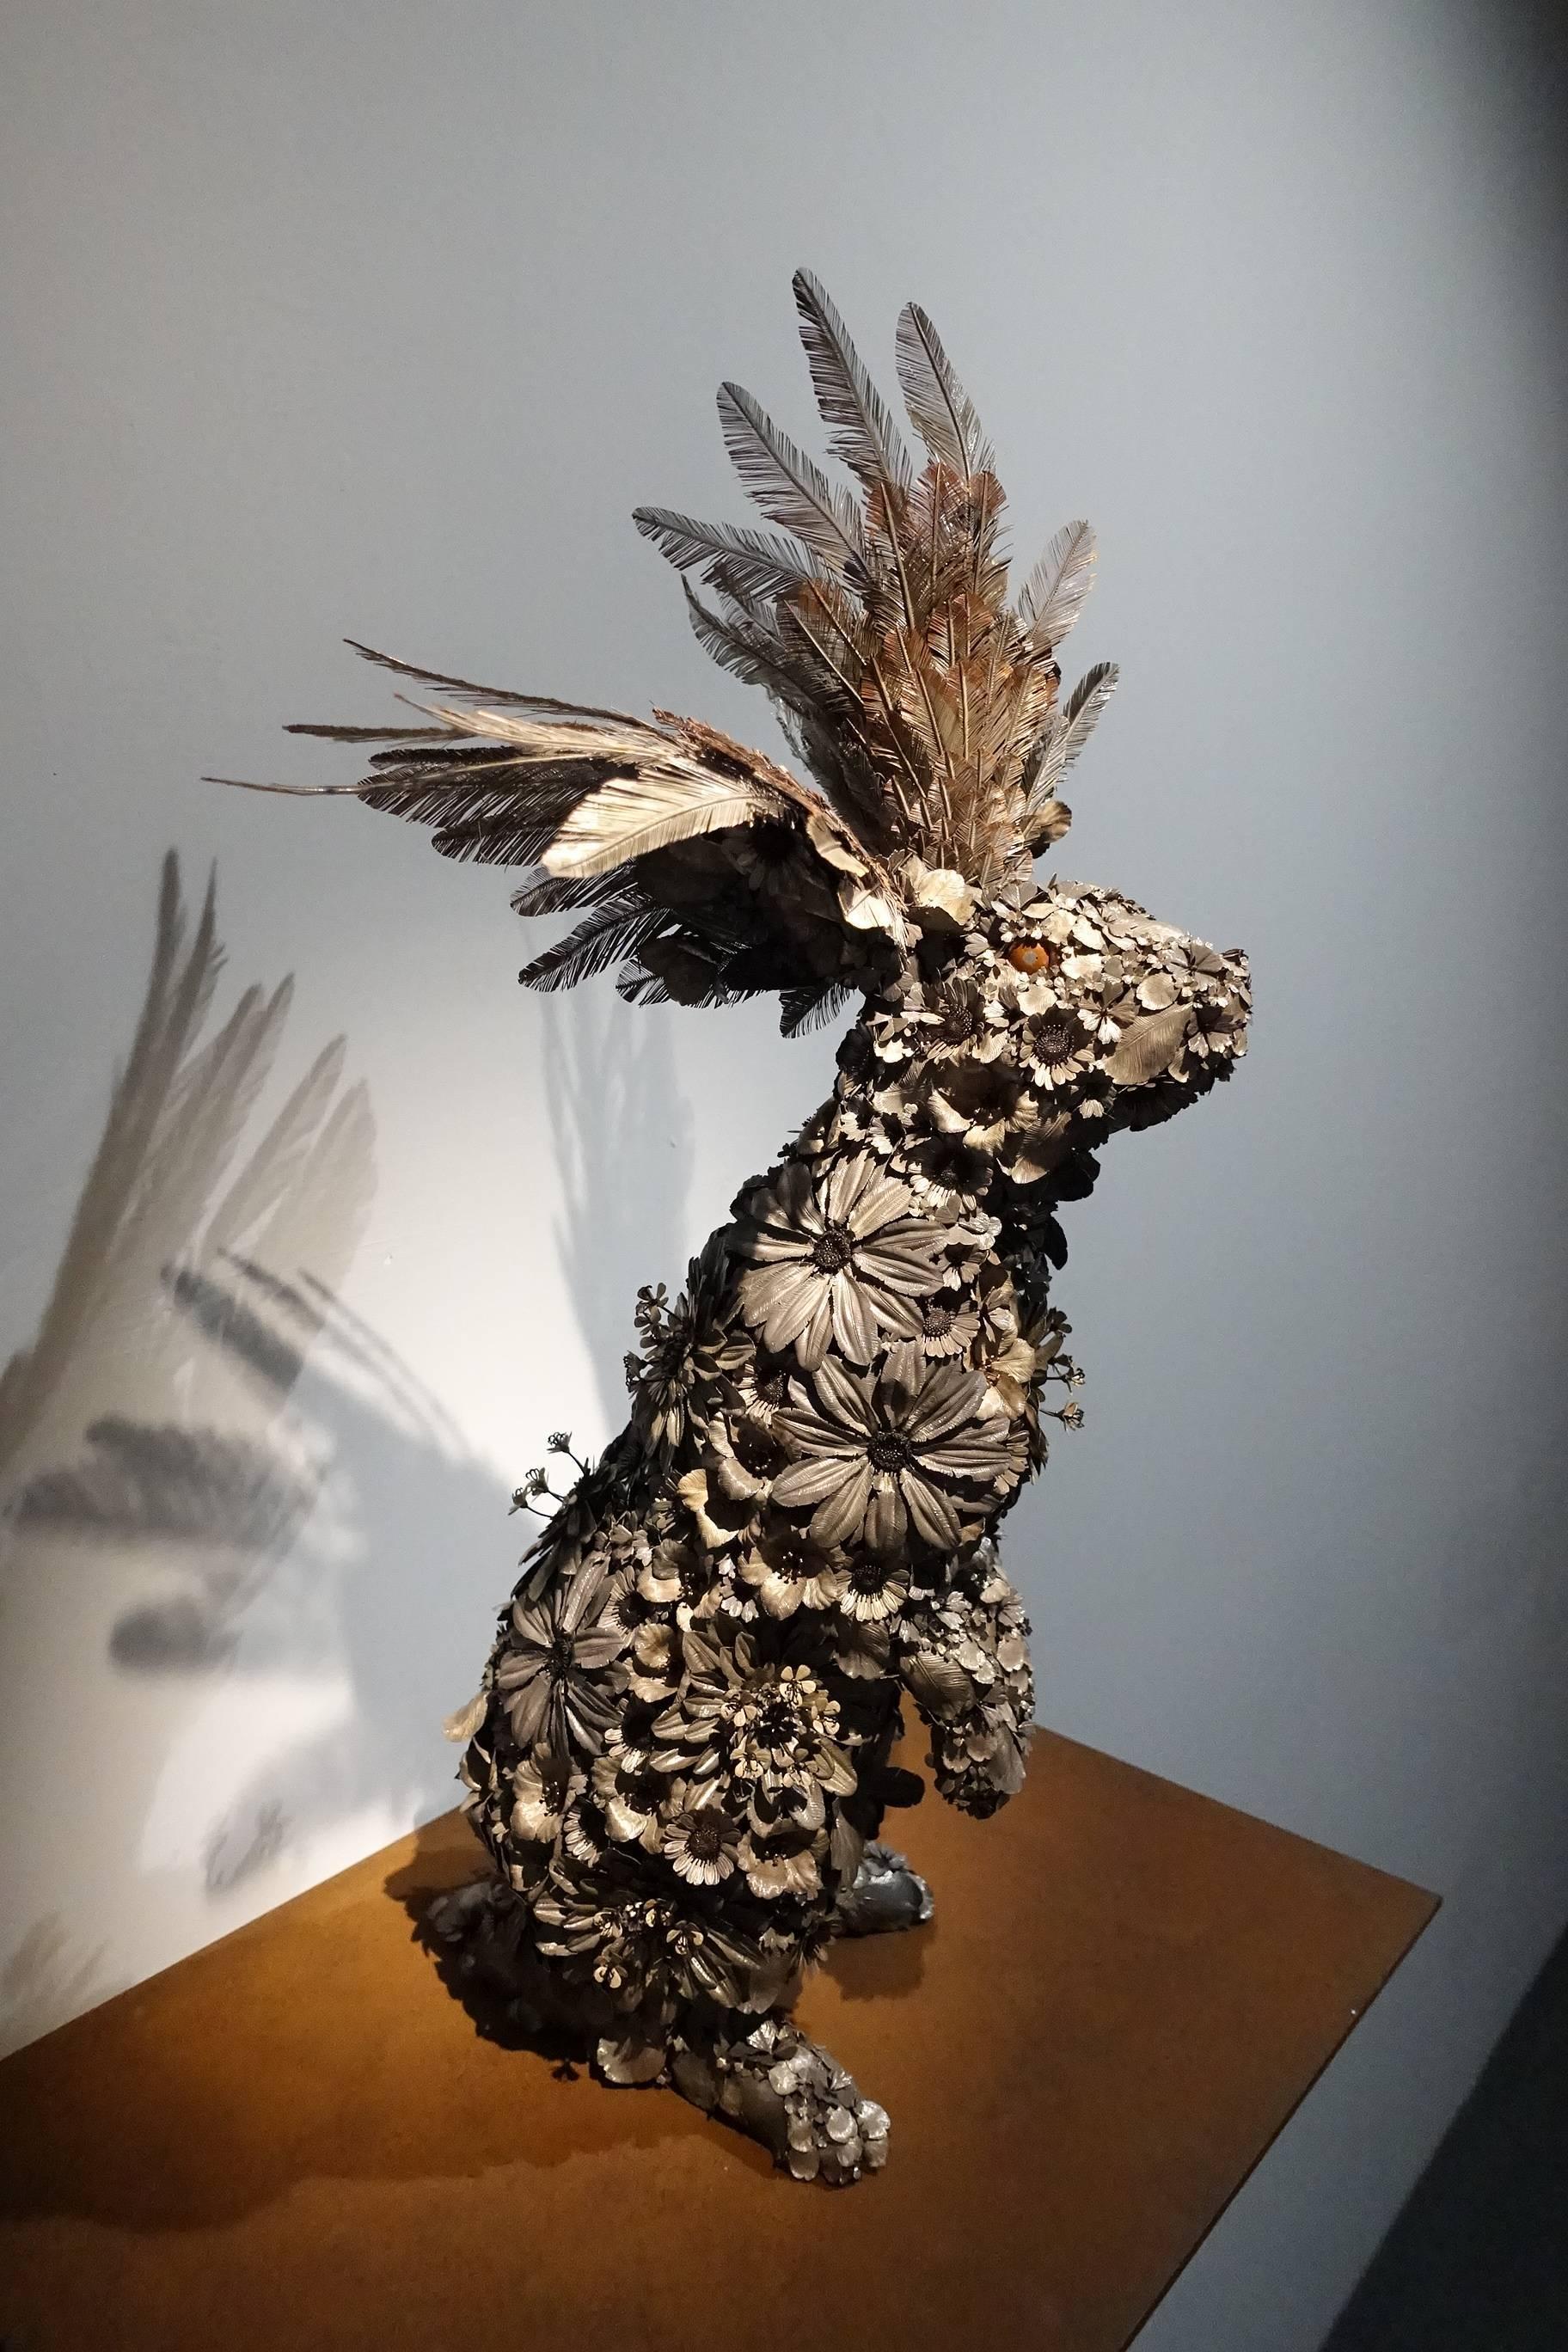 吉田泰一郎 (YOSHIDA Taiichiro)作品《羽翼花兔》。